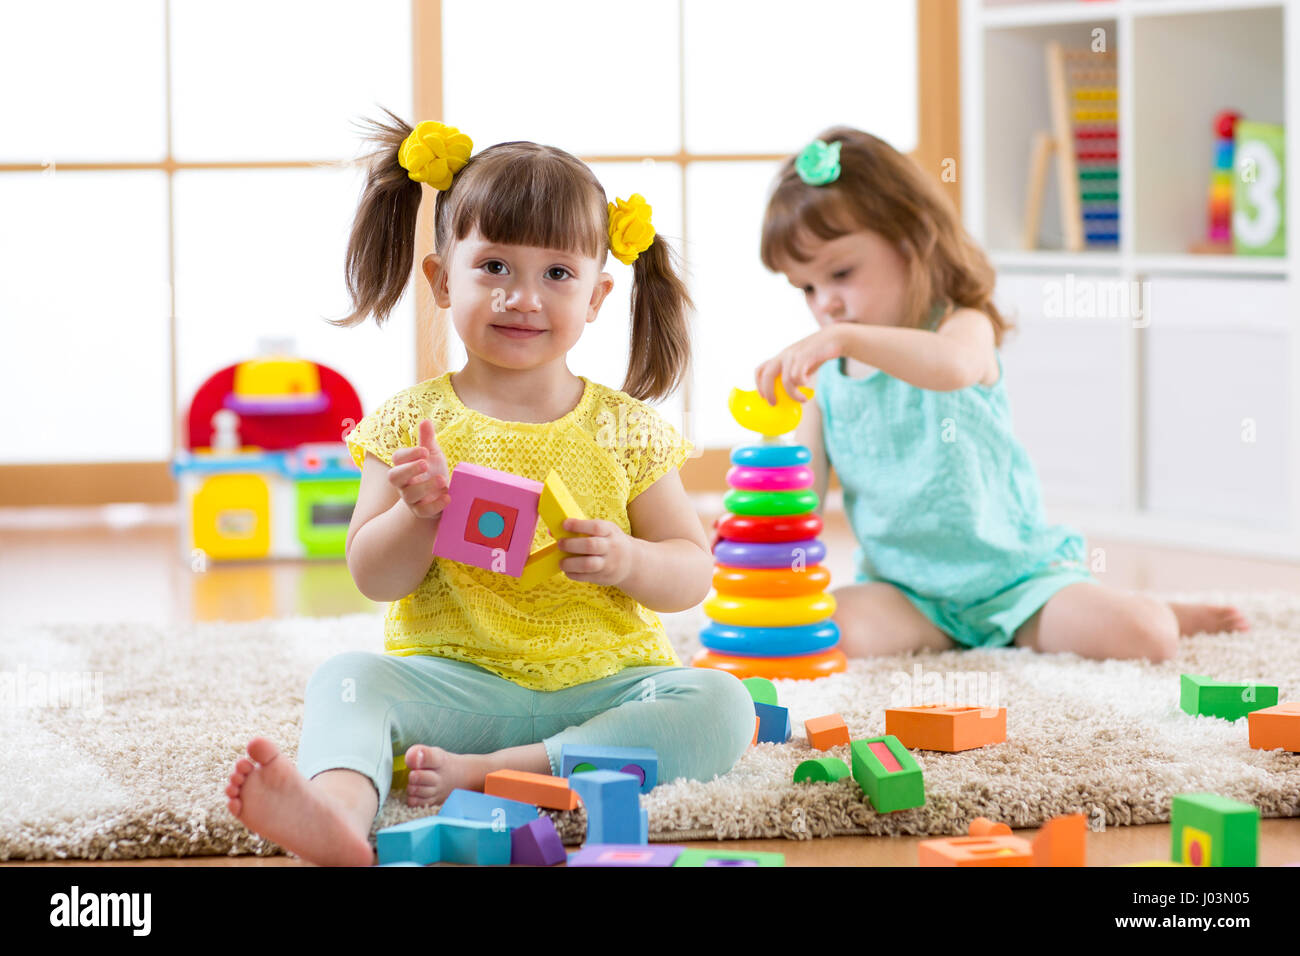 Ni os jugando con bloques juntos juguetes educativos para for Juguetes de jardin